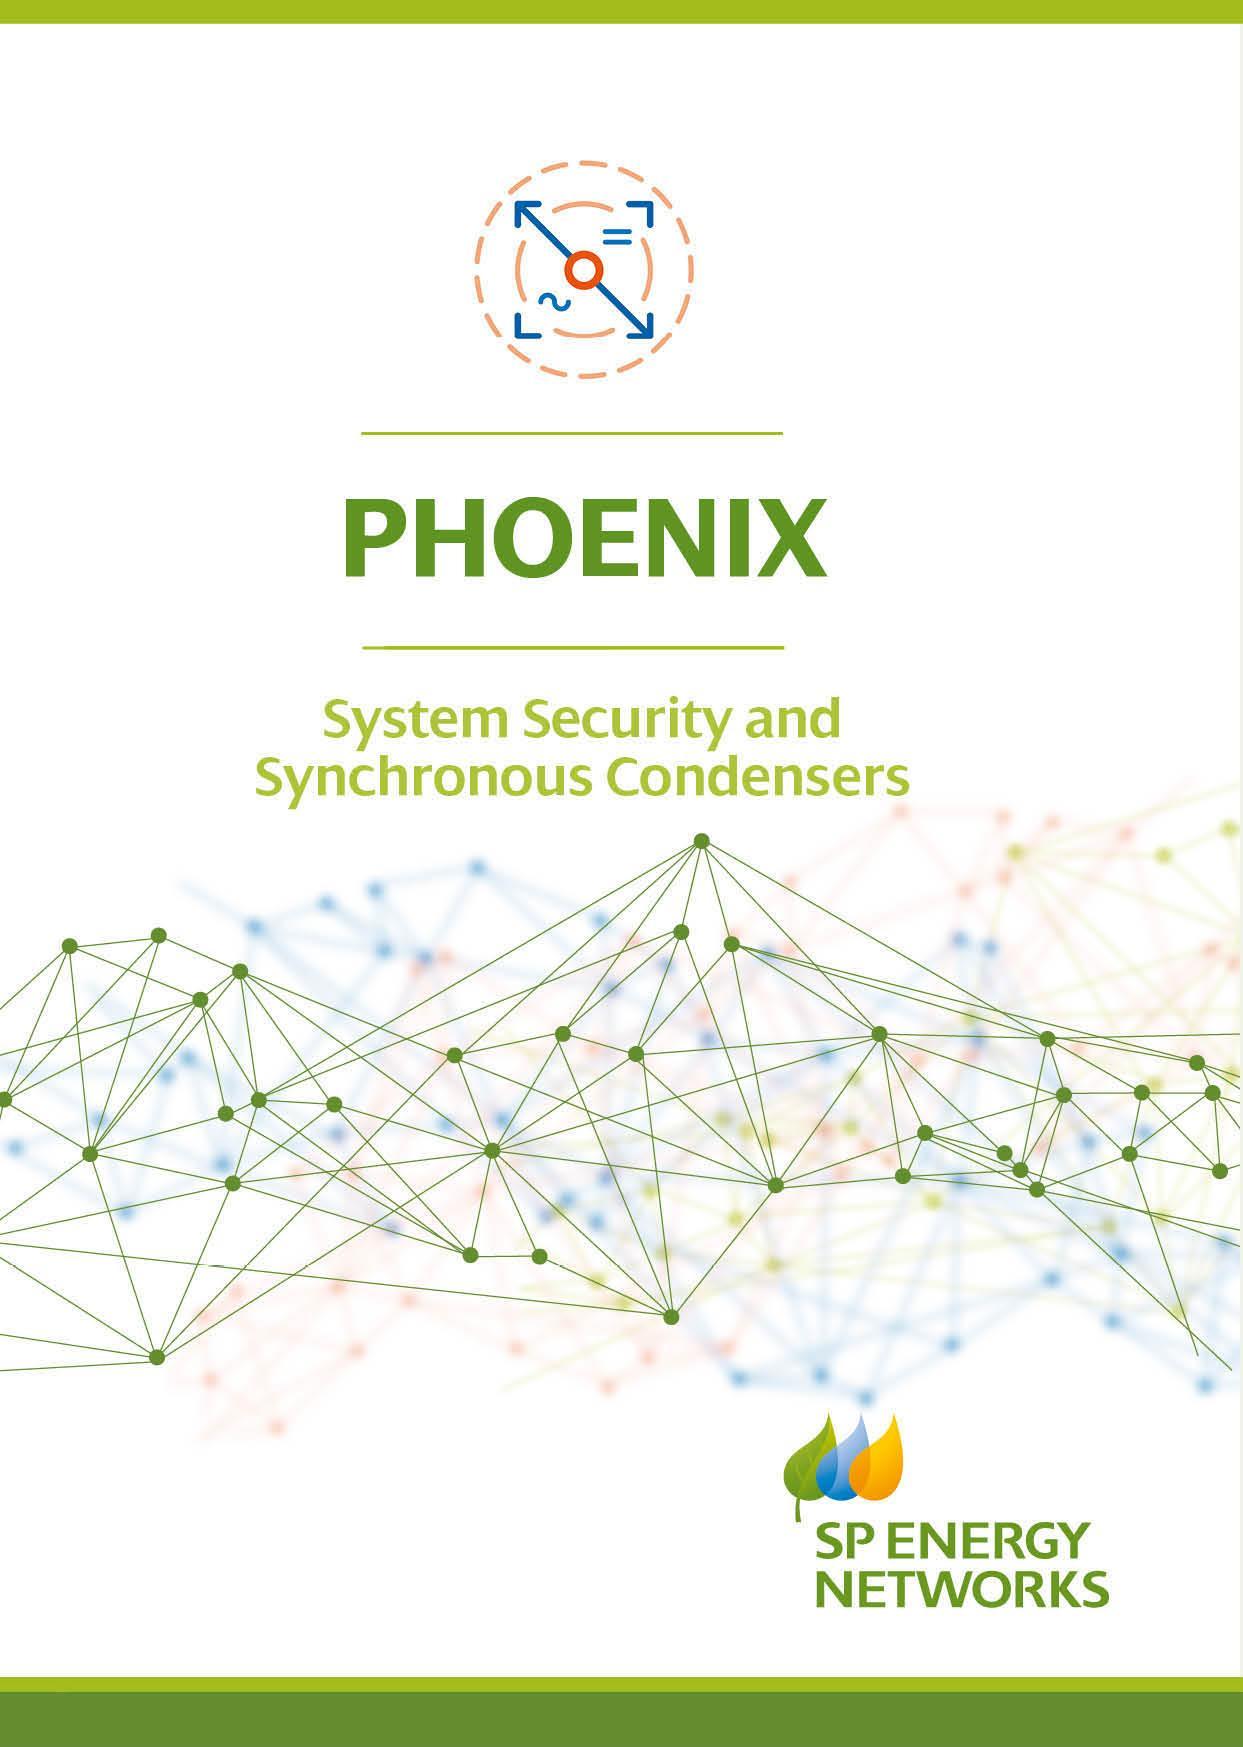 Phoenix - SP Energy Networks